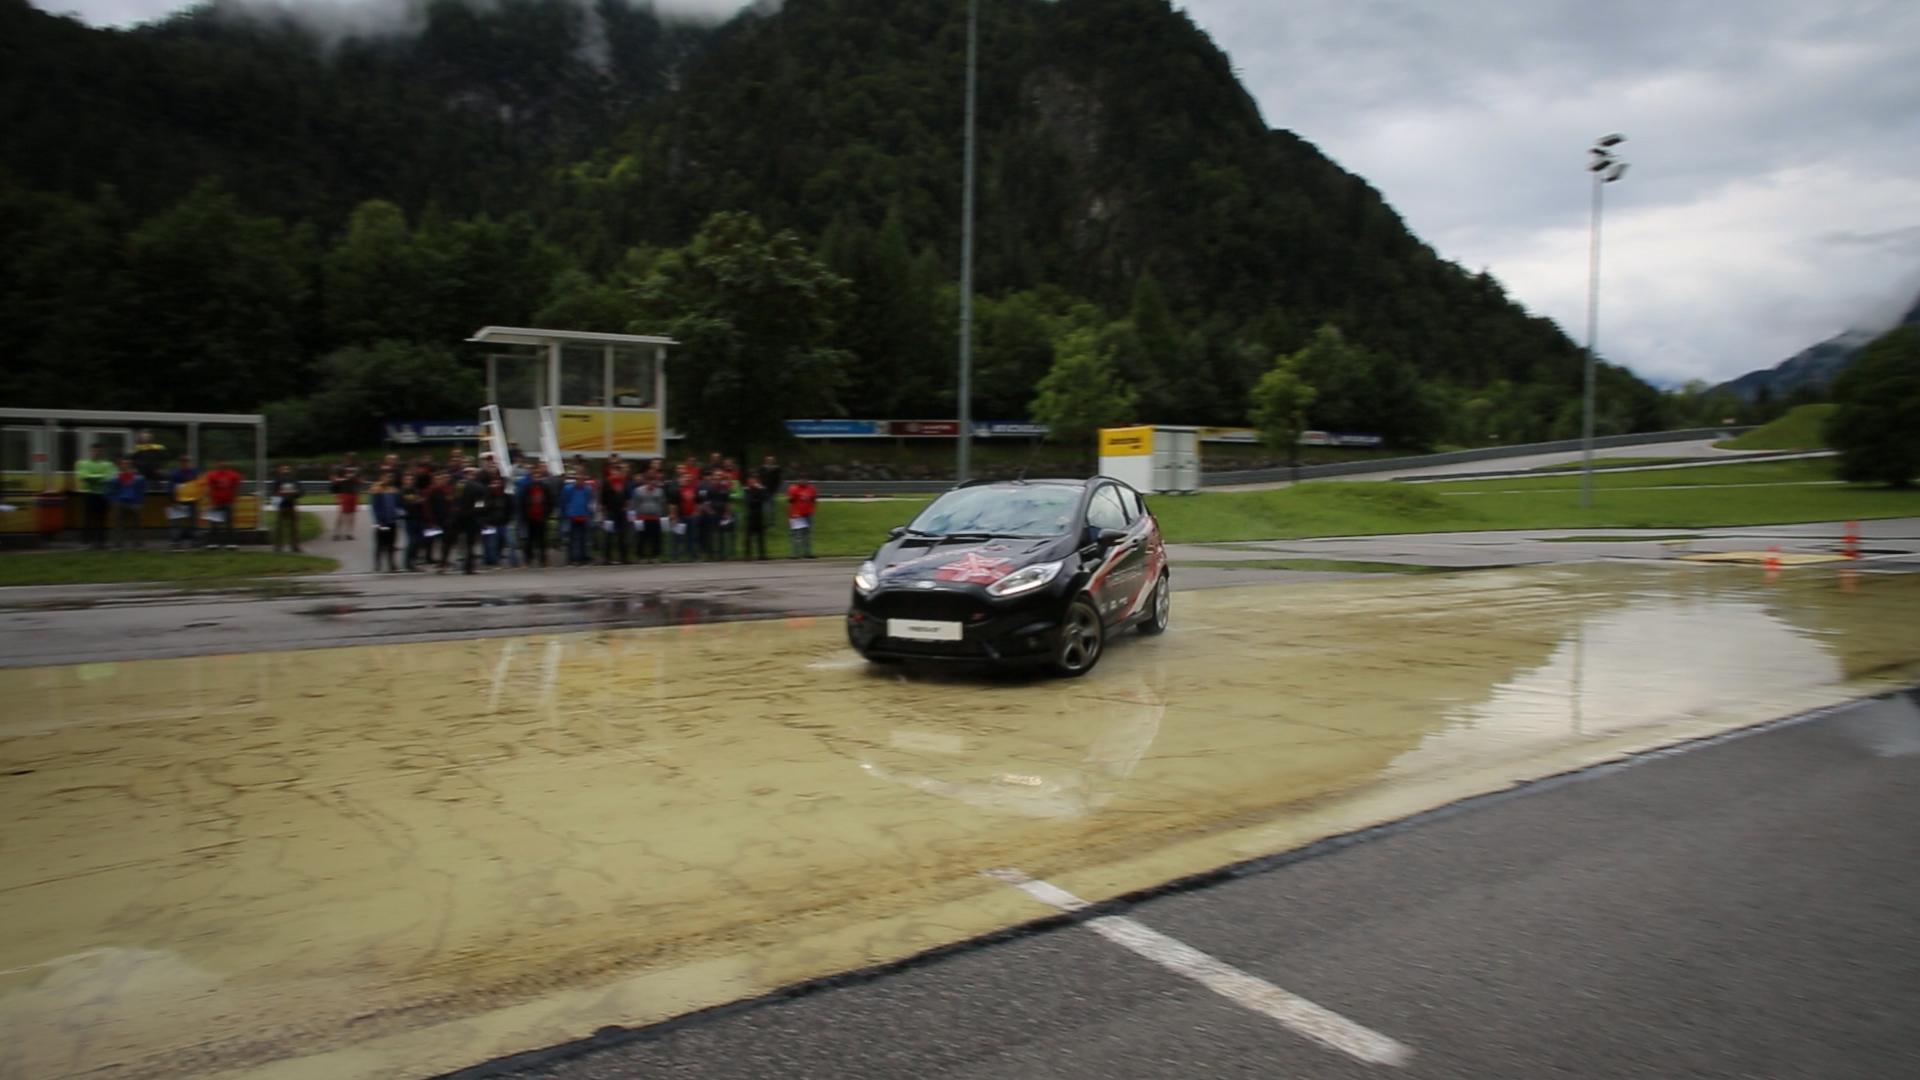 RacingRookie-Saalfelden-2016-AUTrenalinMEDIA-13.jpg